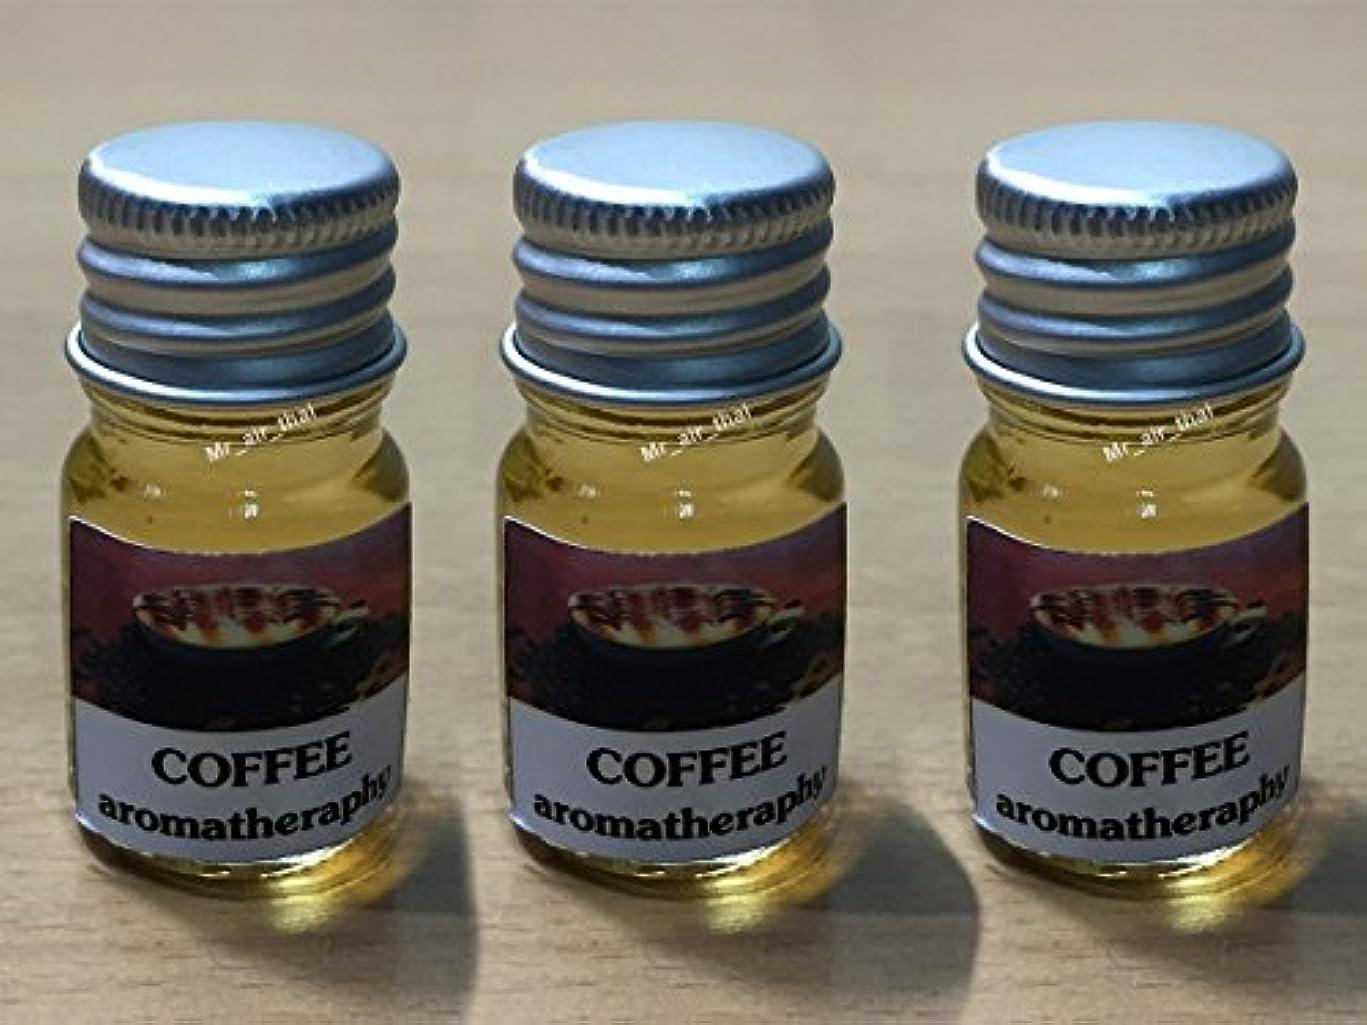 市の花遮る家族3個セット 5ミリリットルアロマコーヒーフランクインセンスエッセンシャルオイルボトルアロマテラピーオイル自然自然 3PC 5ml Aroma Coffee Frankincense Essential Oil Bottles...